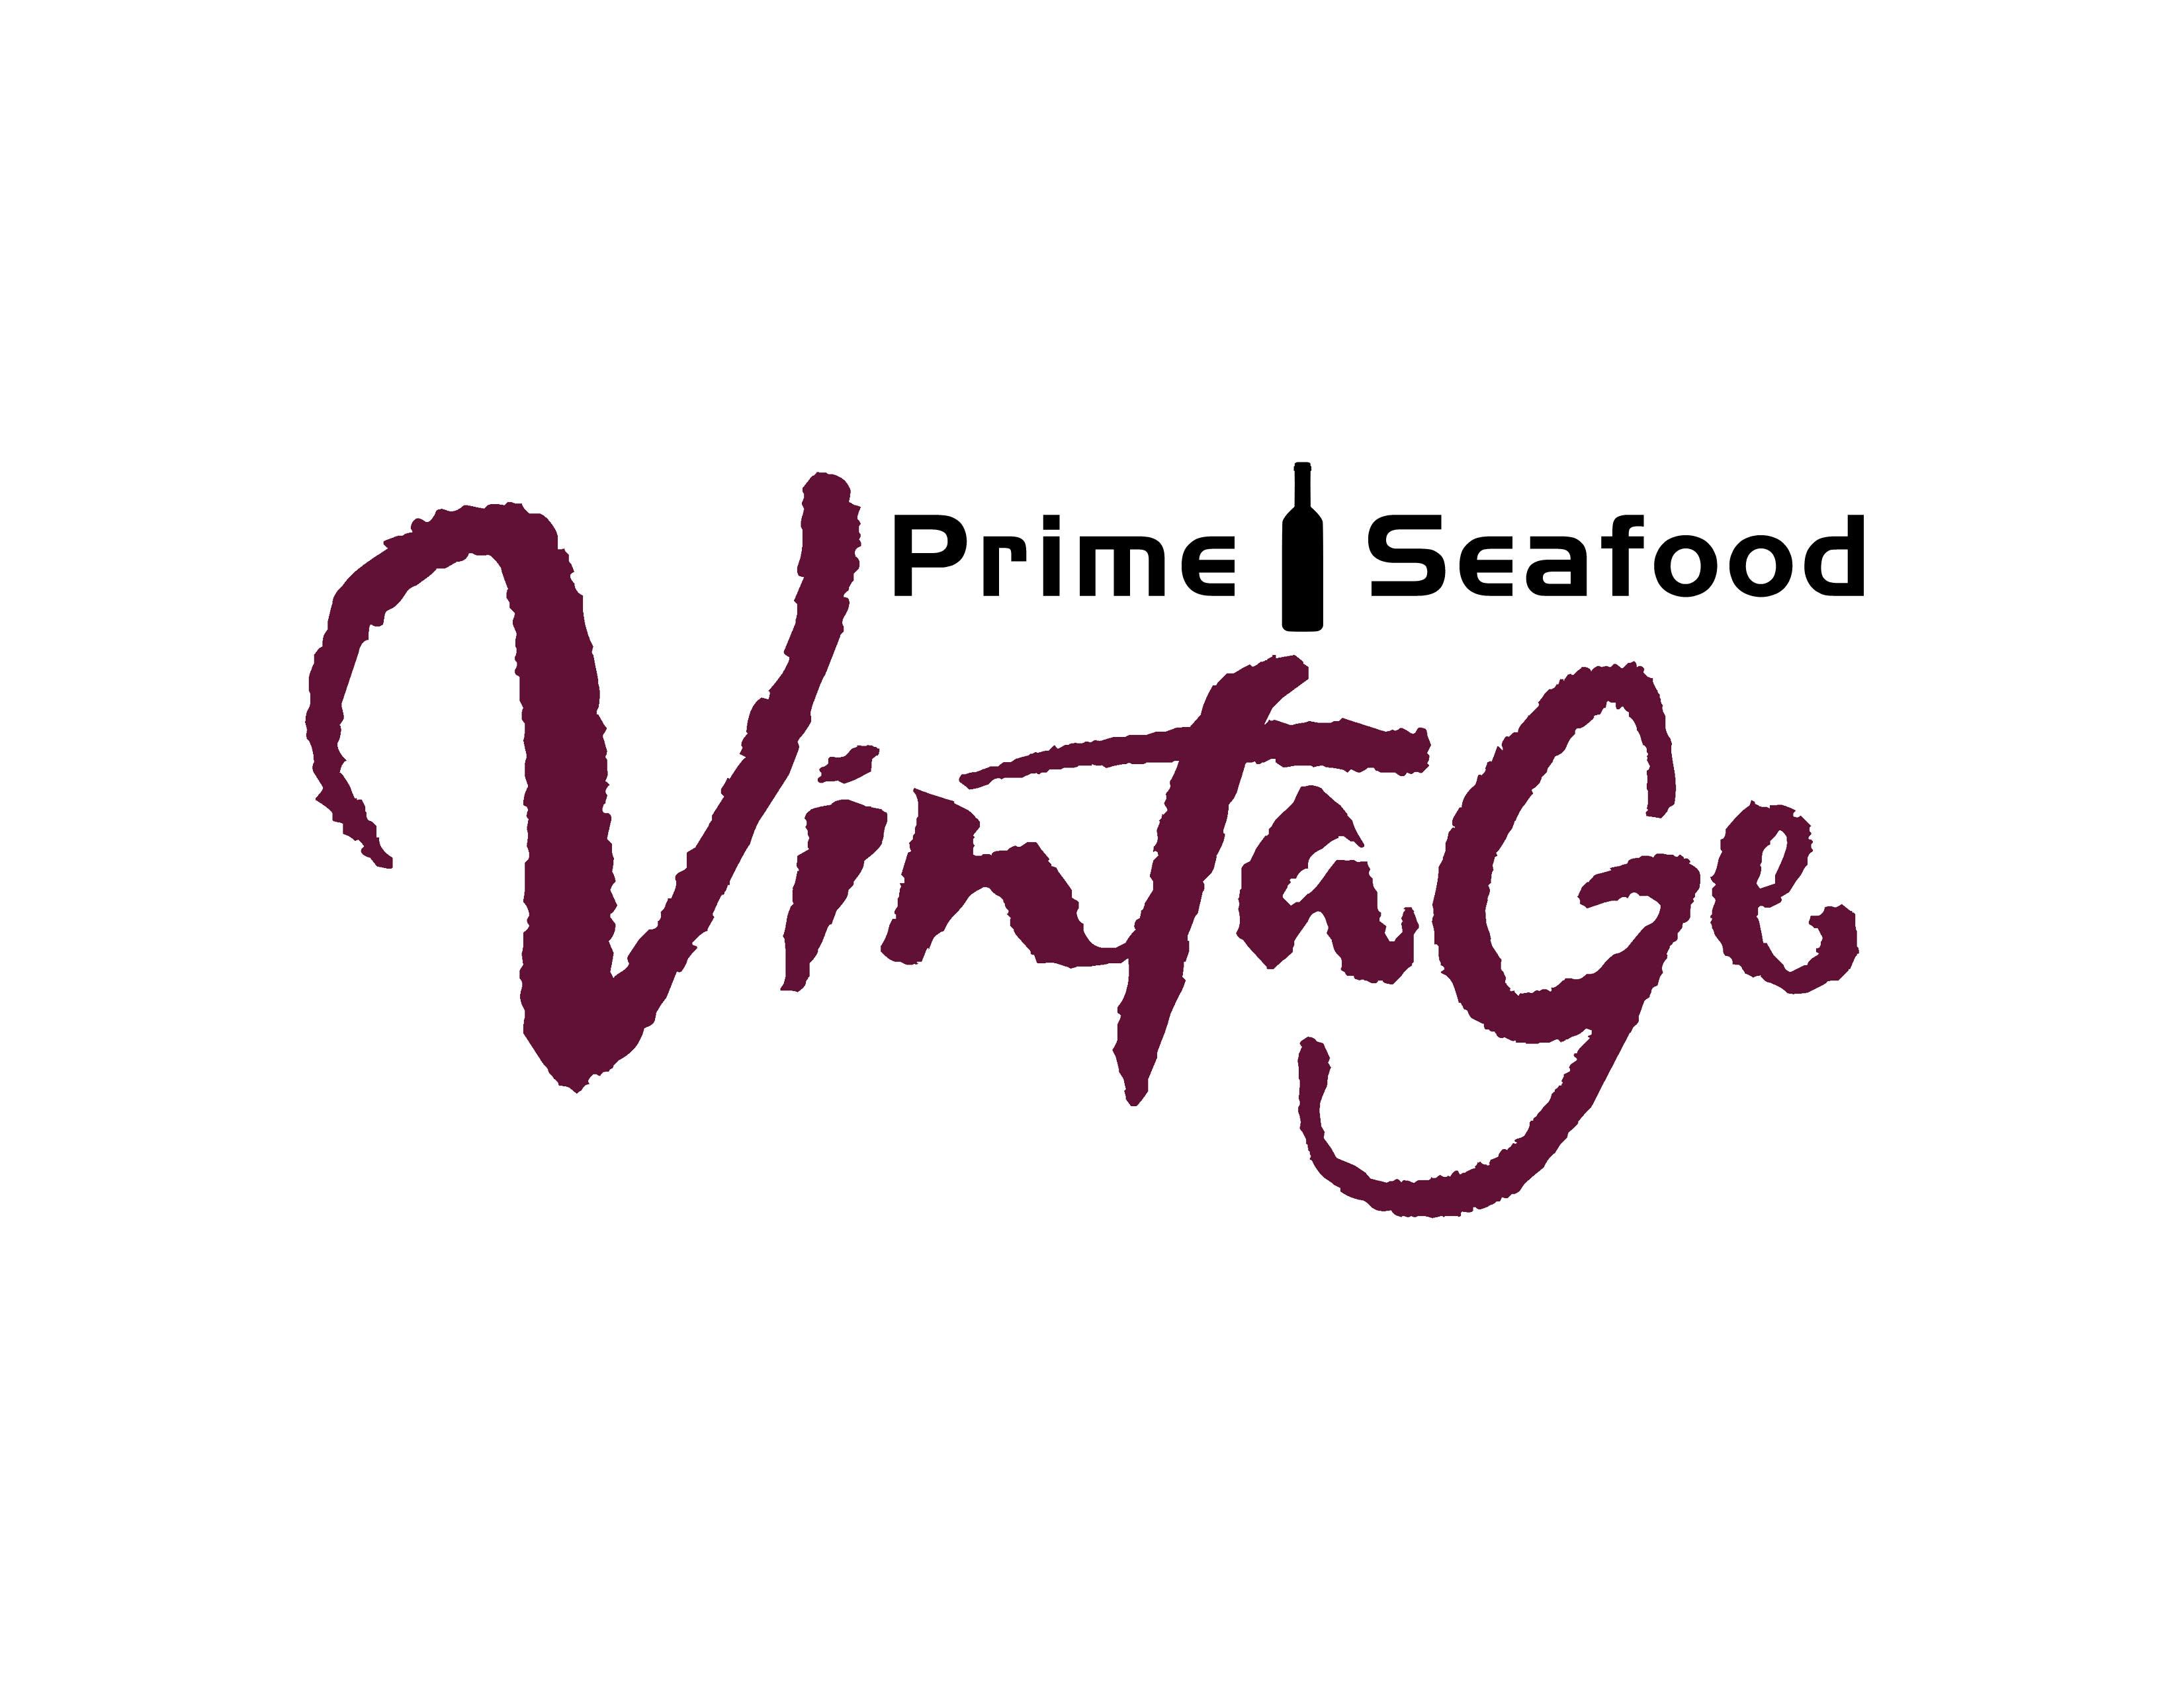 Vintage - Prime & Seafood